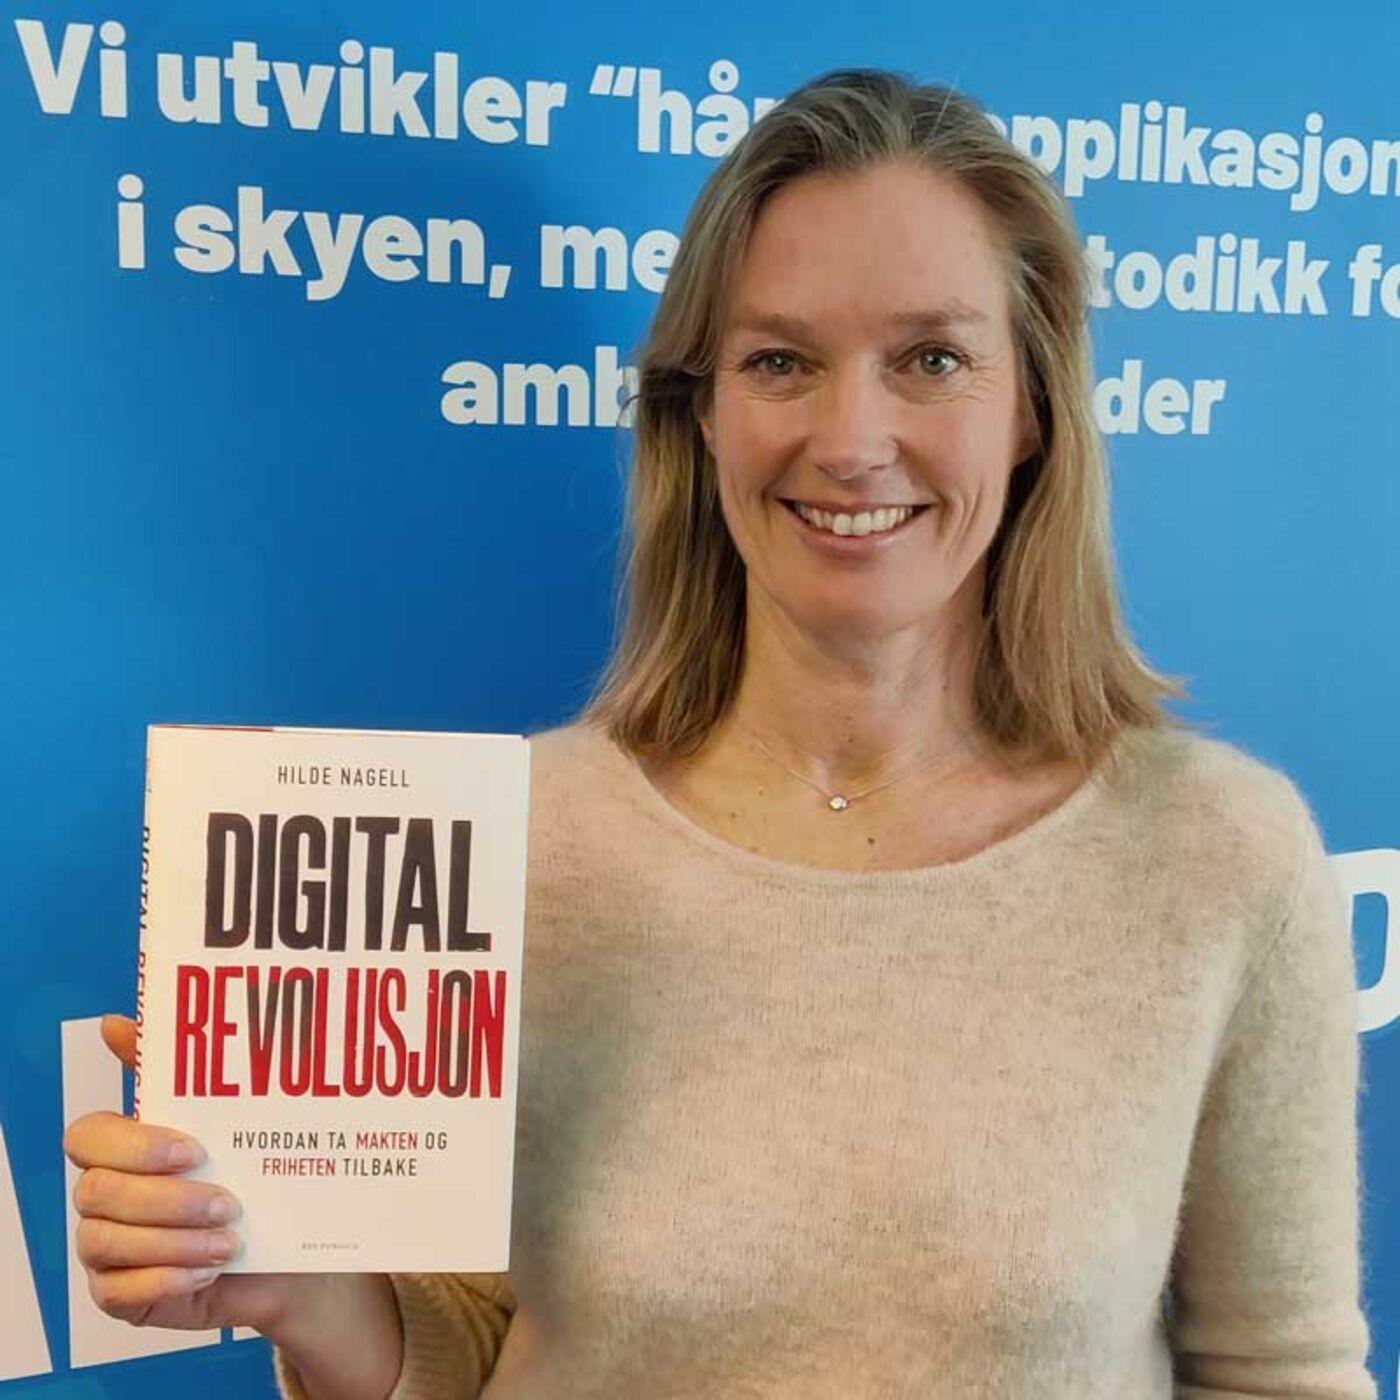 Digital revolusjon – hvordan ta makten og friheten tilbake?